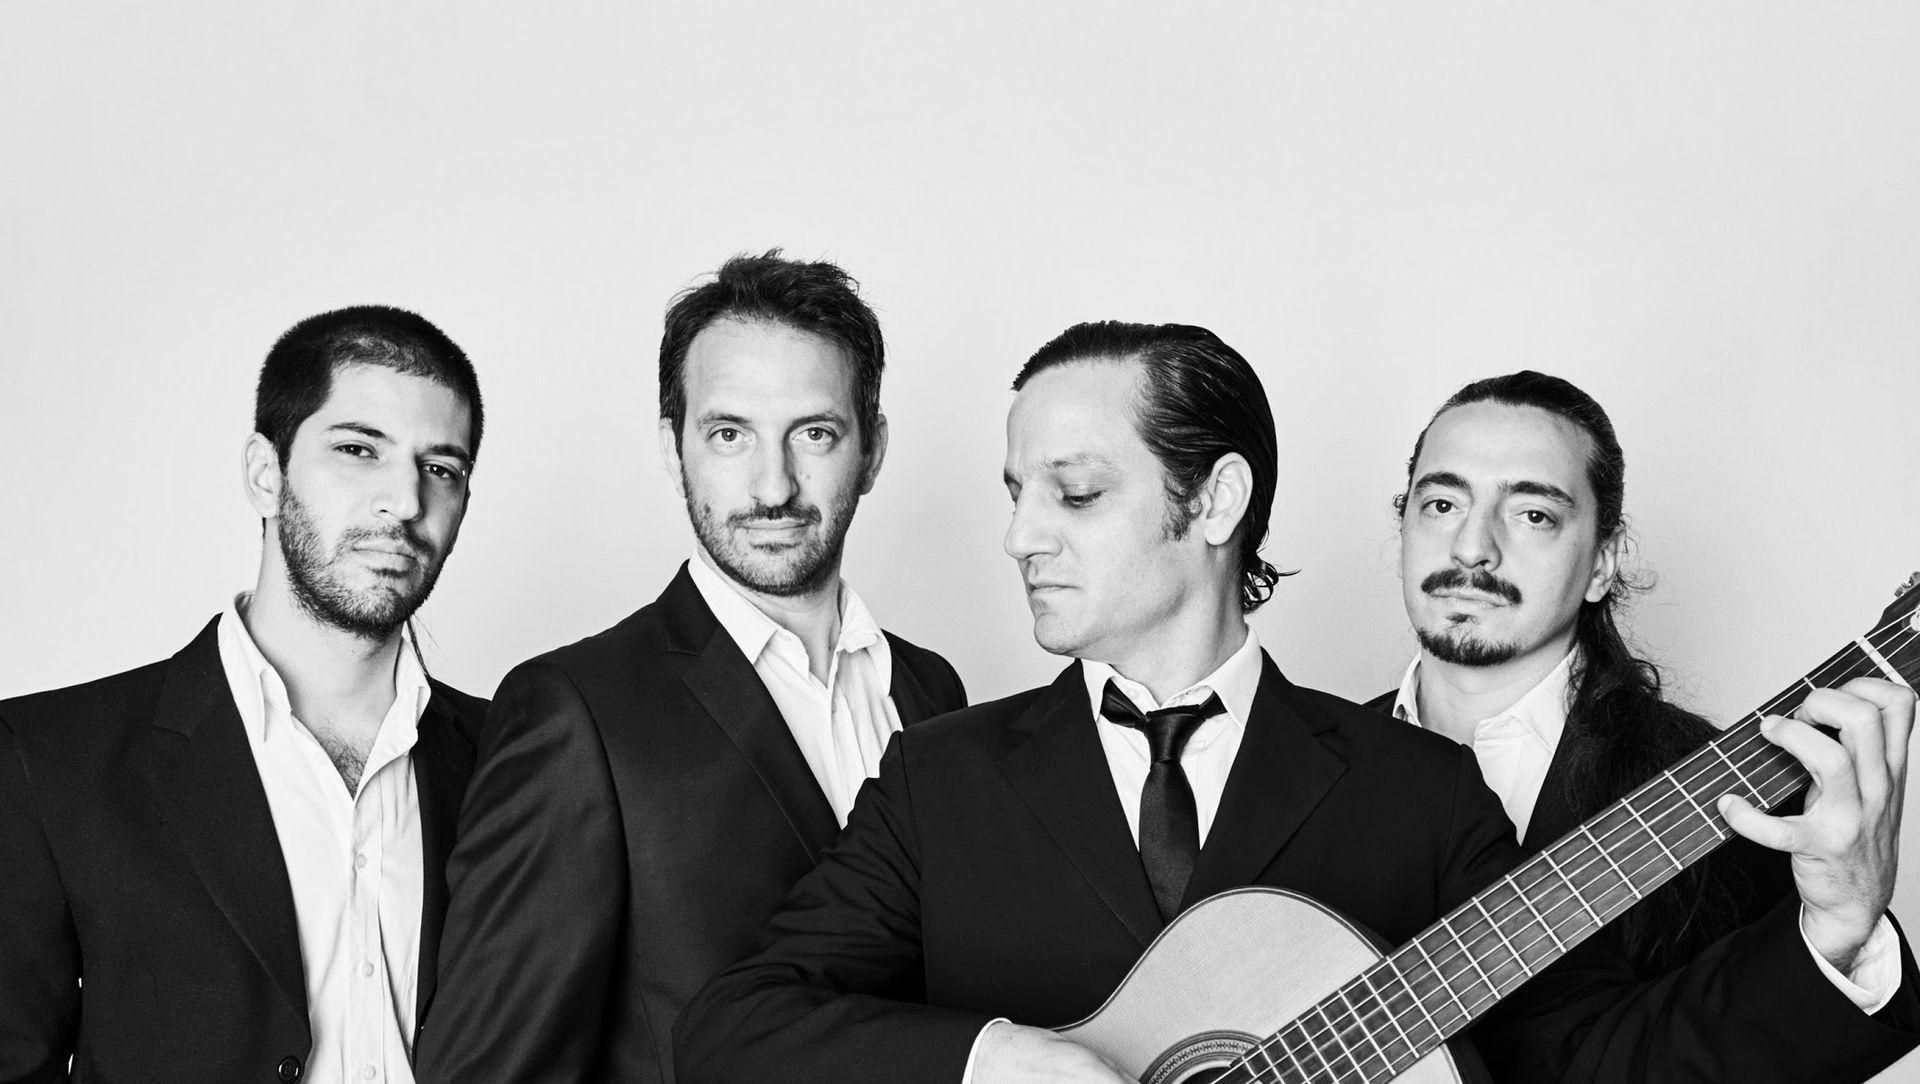 Rodrigo junto a sus compañeros de El Yotivenco, el grupo con el que toca desde hace 15 años.